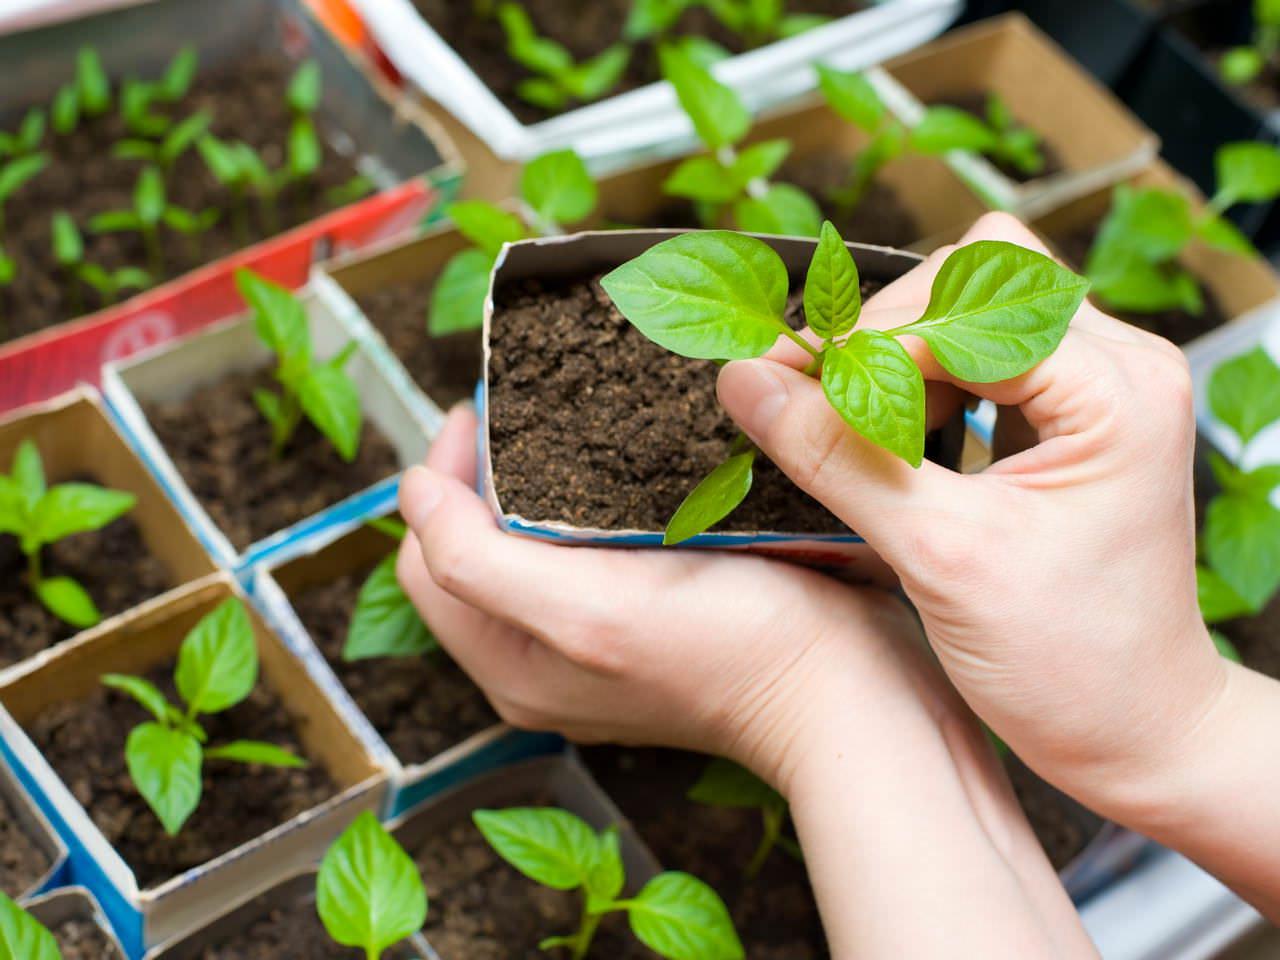 Выращивание овощных культур через рассаду даёт возможность повлиять на сроки появления урожая